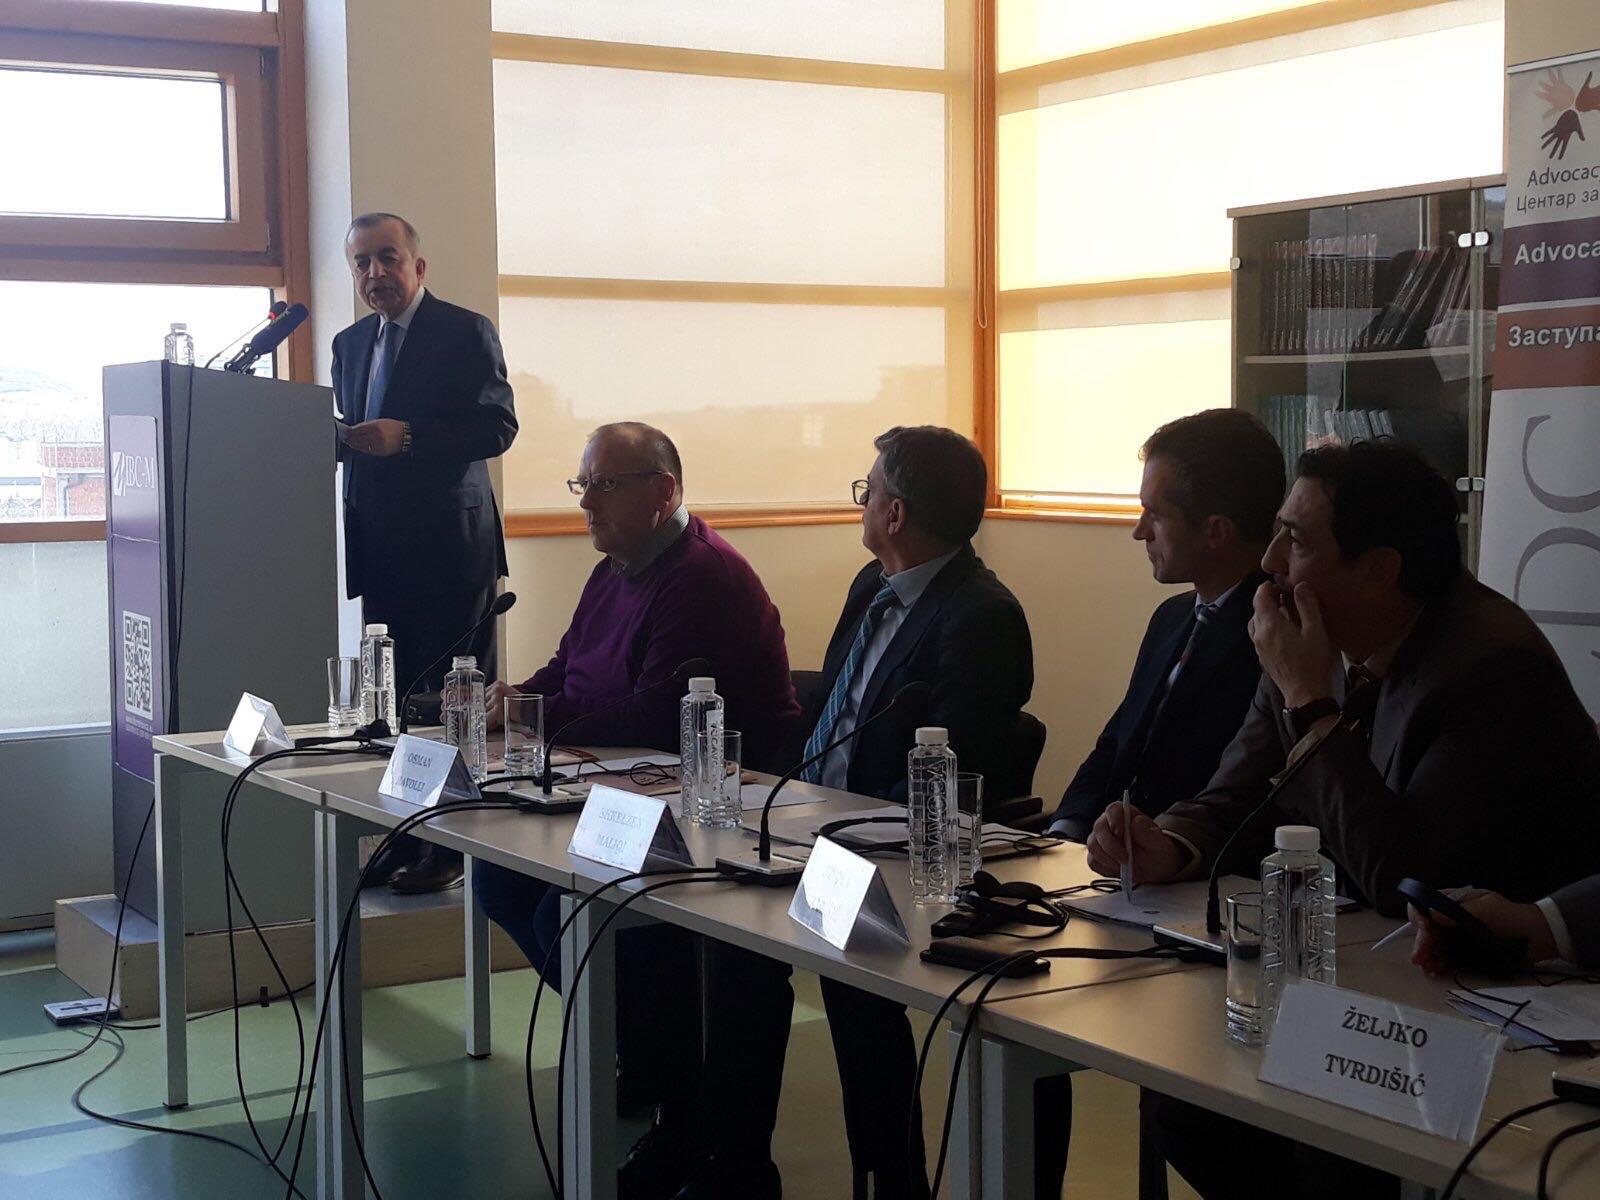 Tanin: Nakon integracije pravosuđa, KiM ide ka jačanju vladavine prava